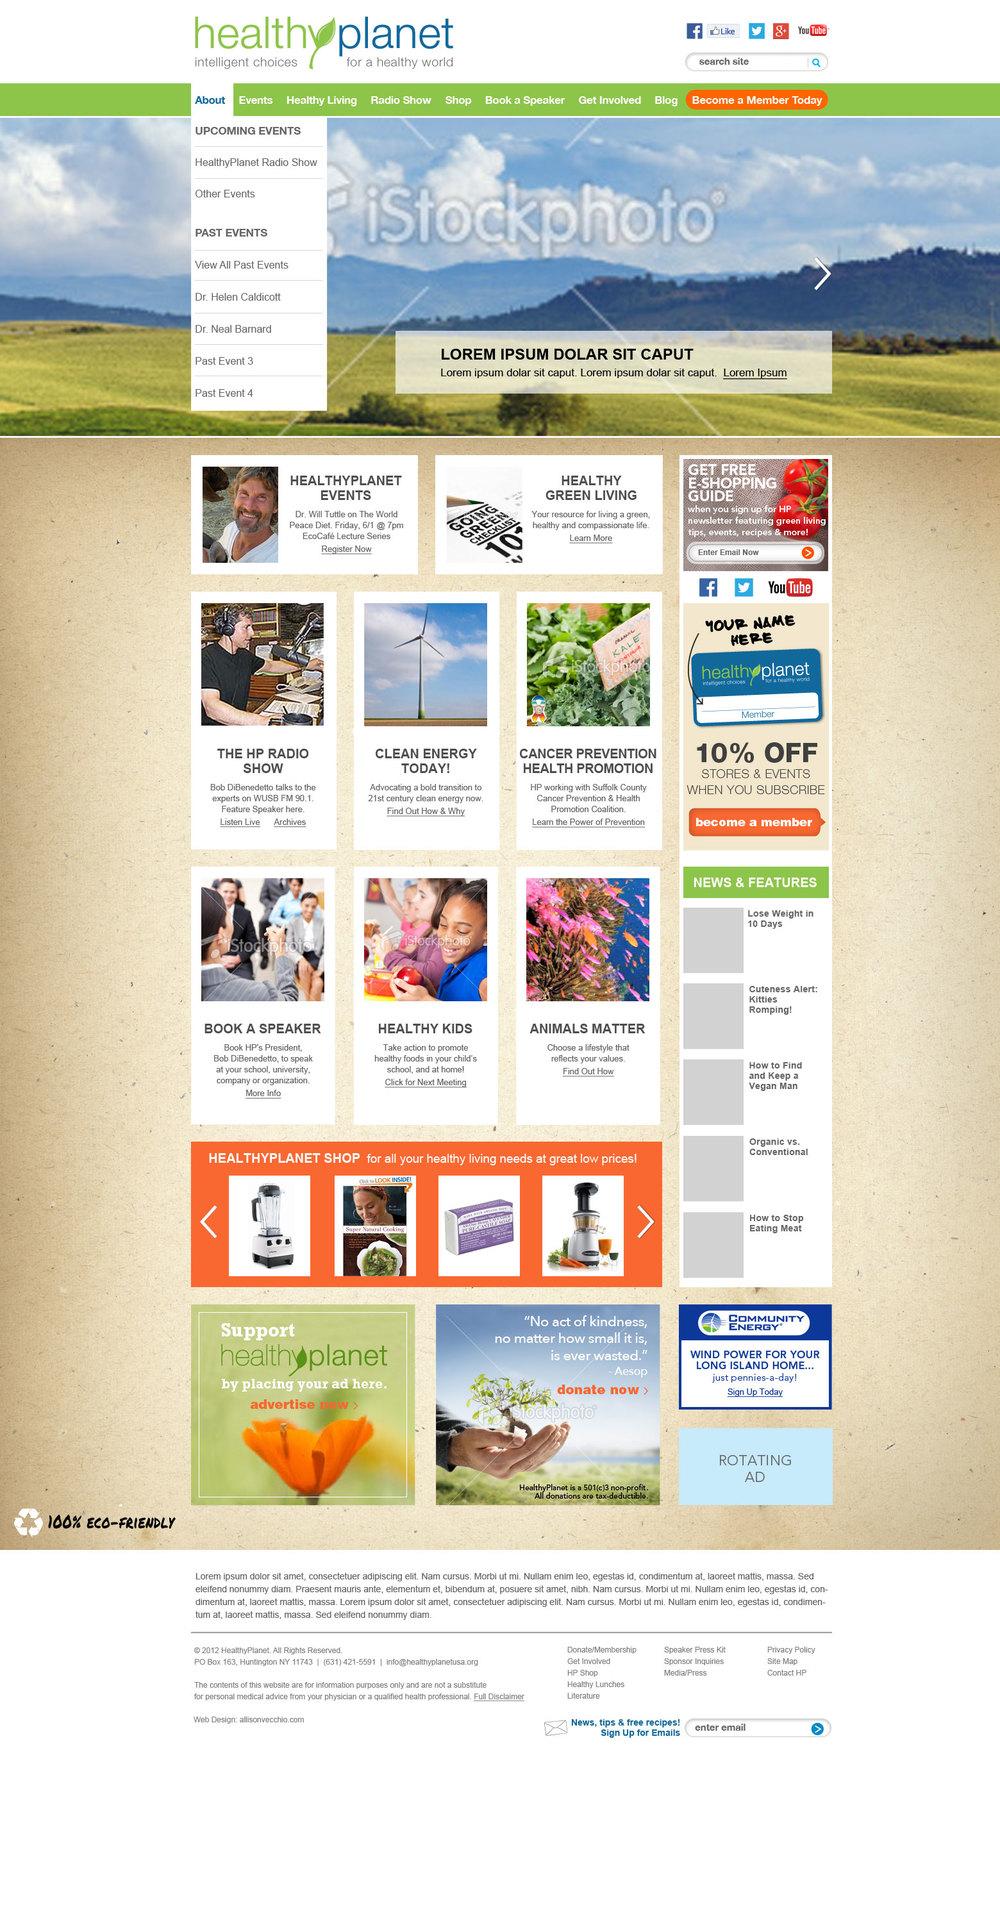 00_HealthyPlanet_homepage.jpg